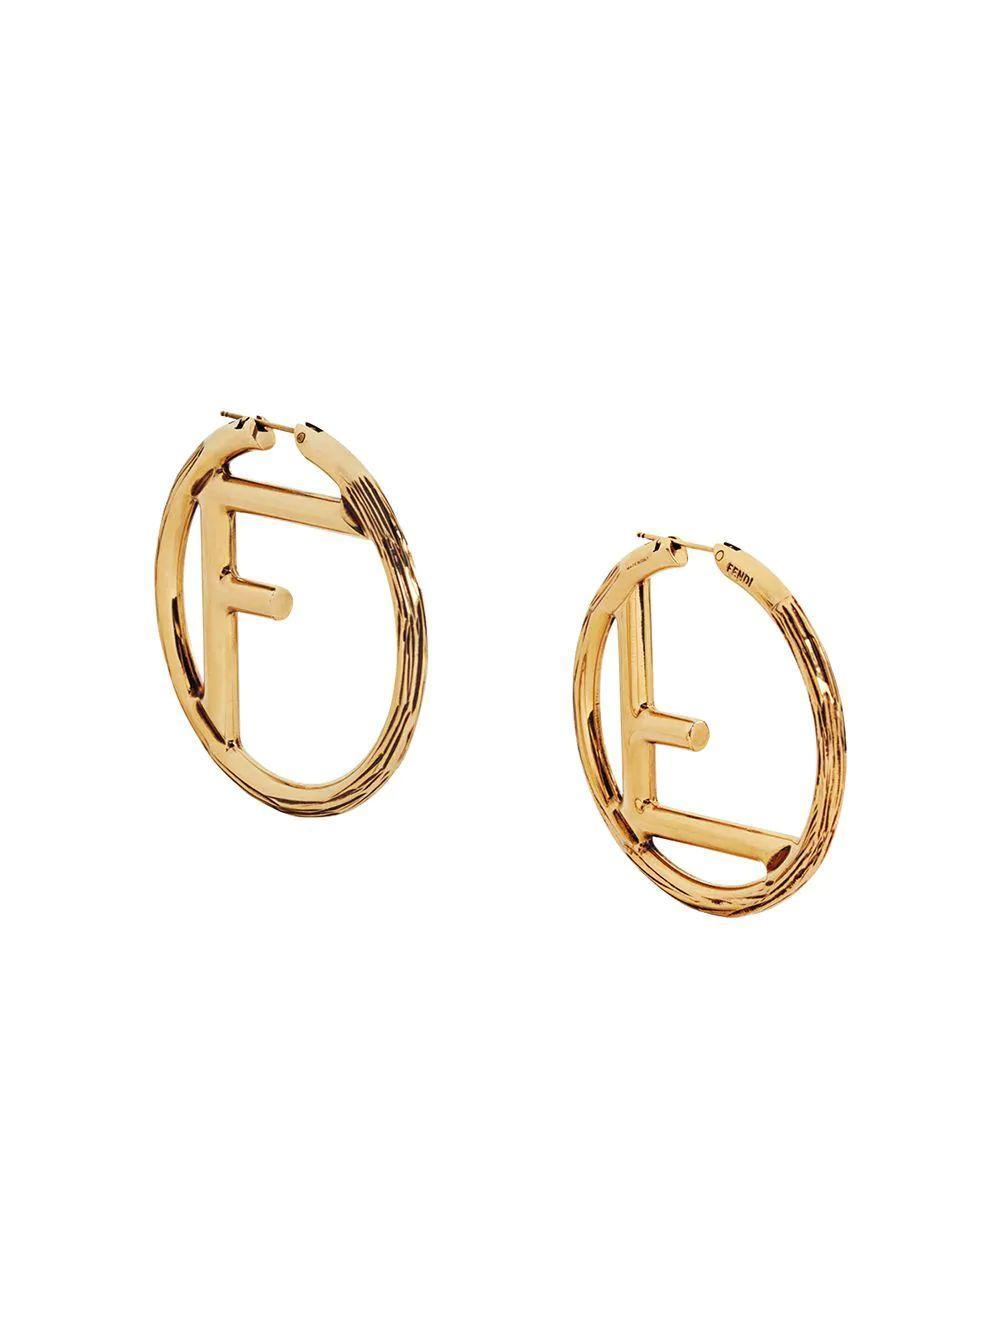 F Is For Fendi Logo Earrings